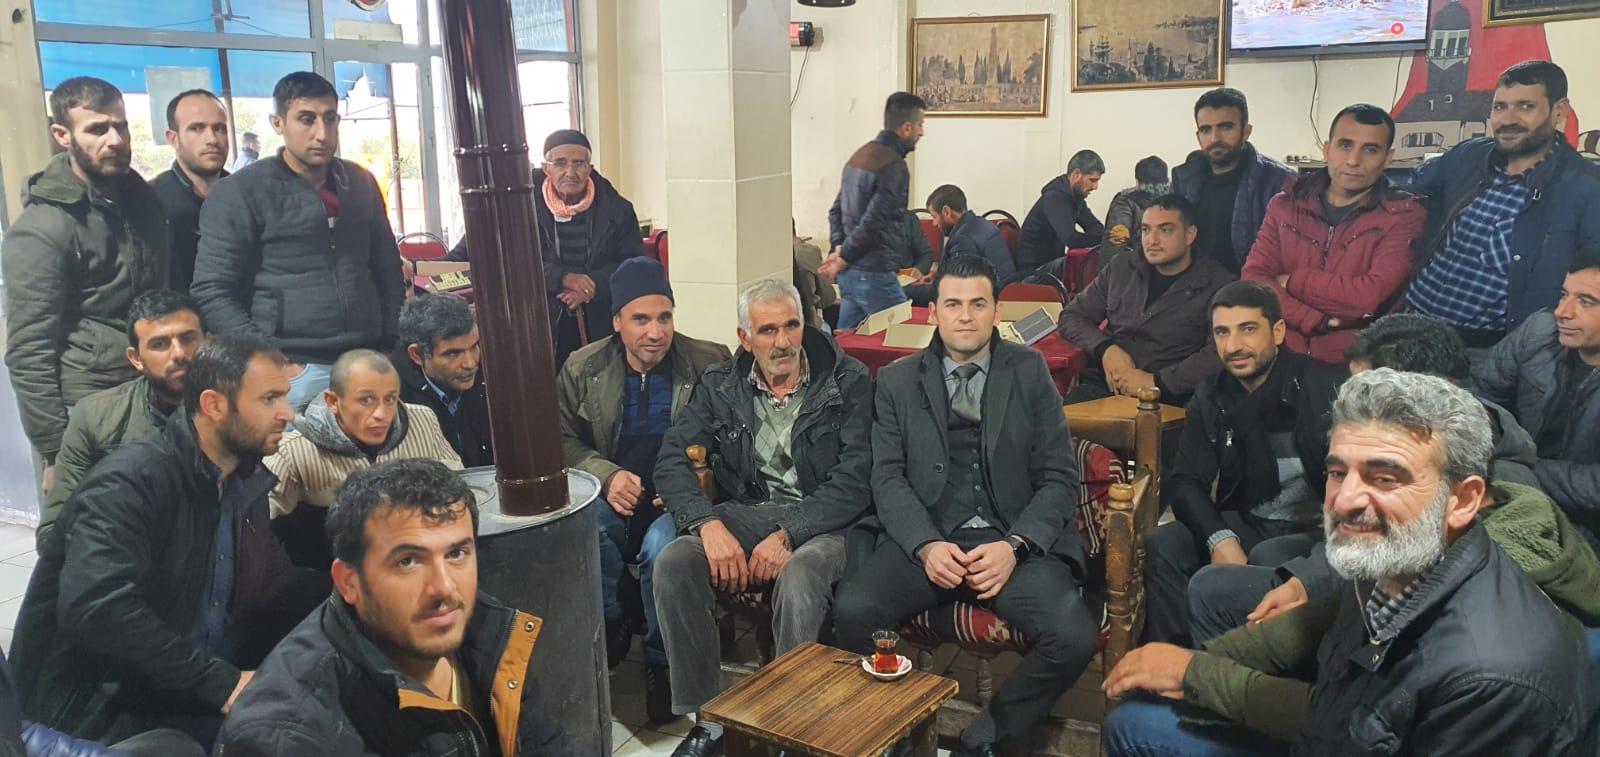 Yenişehir kayyumu 3 ayda 30 bin vatandaş ile görüştü